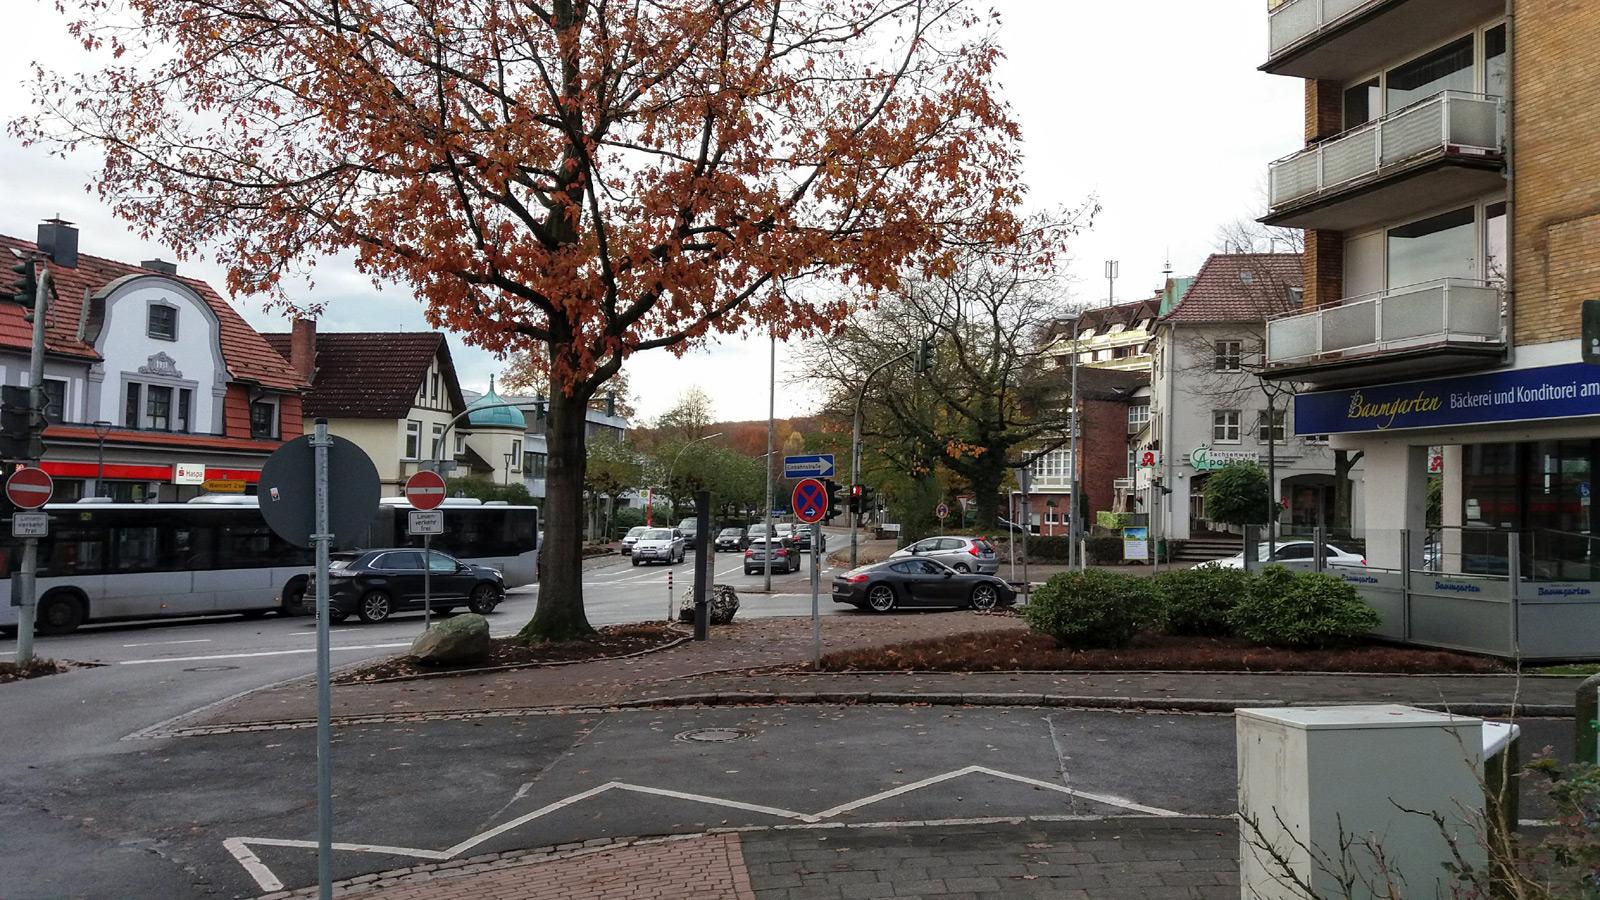 Reinbek Landhausplatz im Herbst